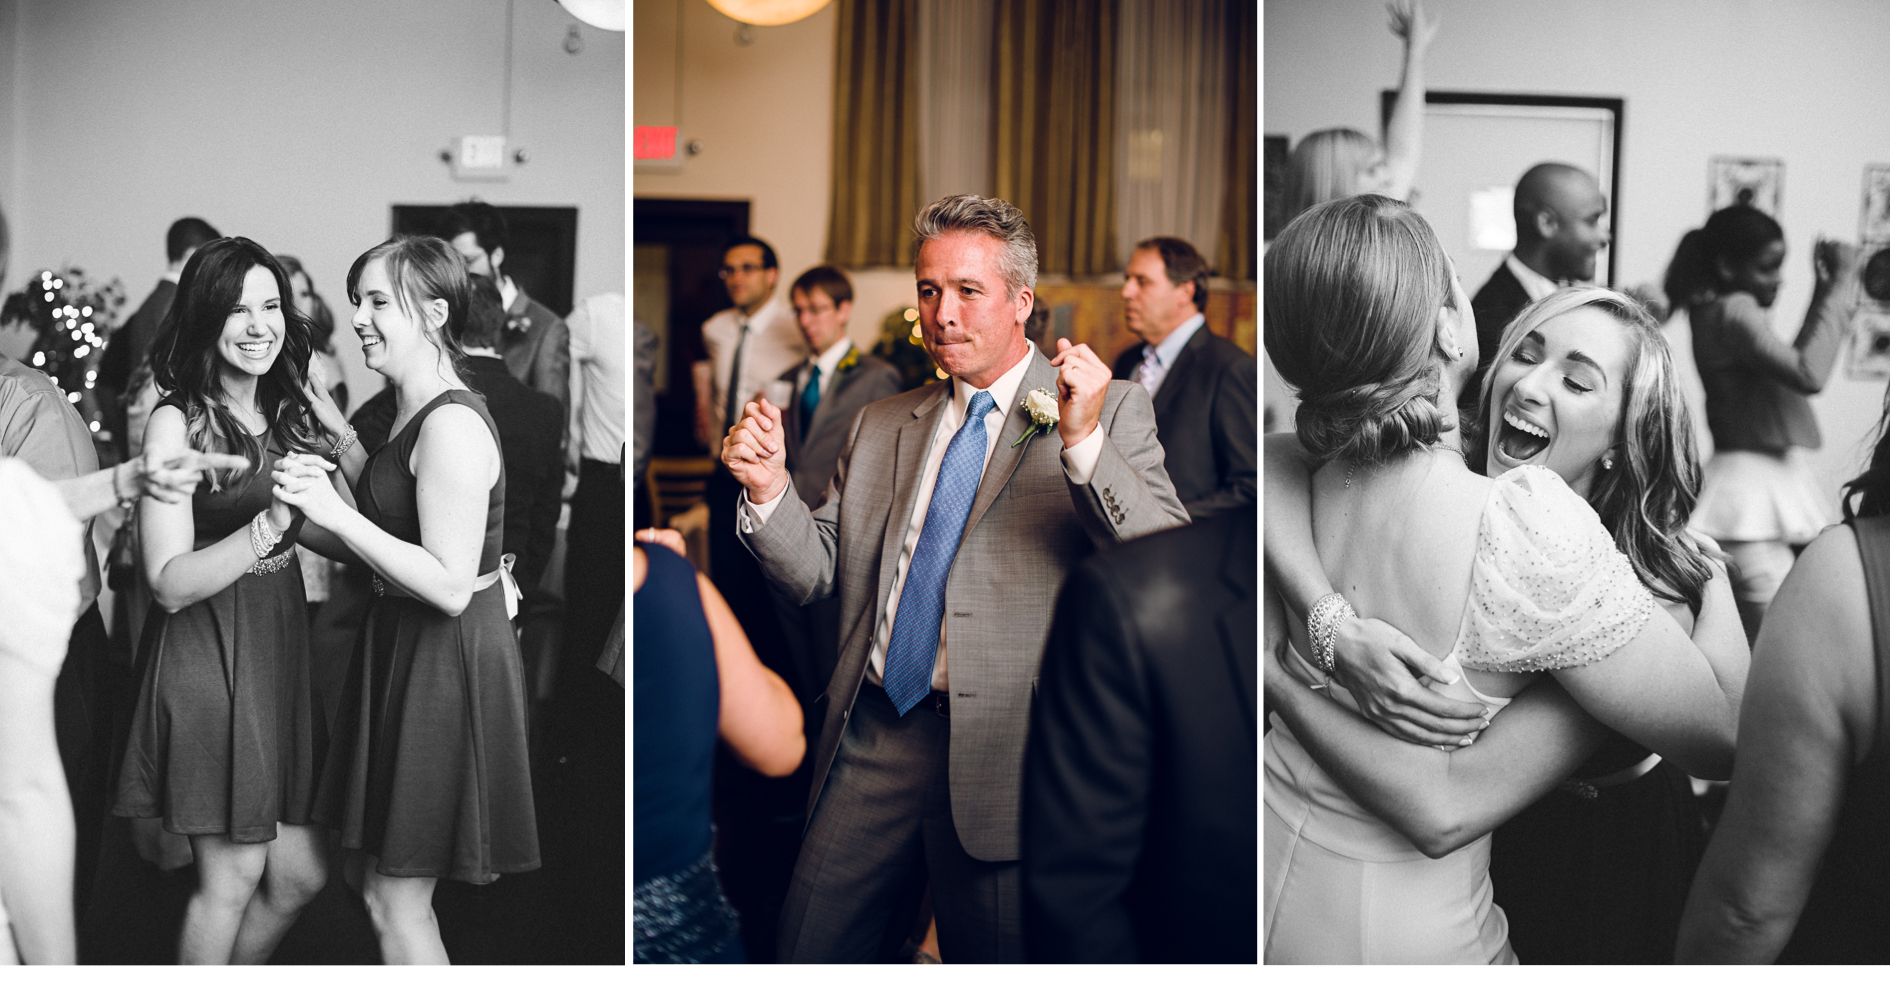 Dancing at Reception